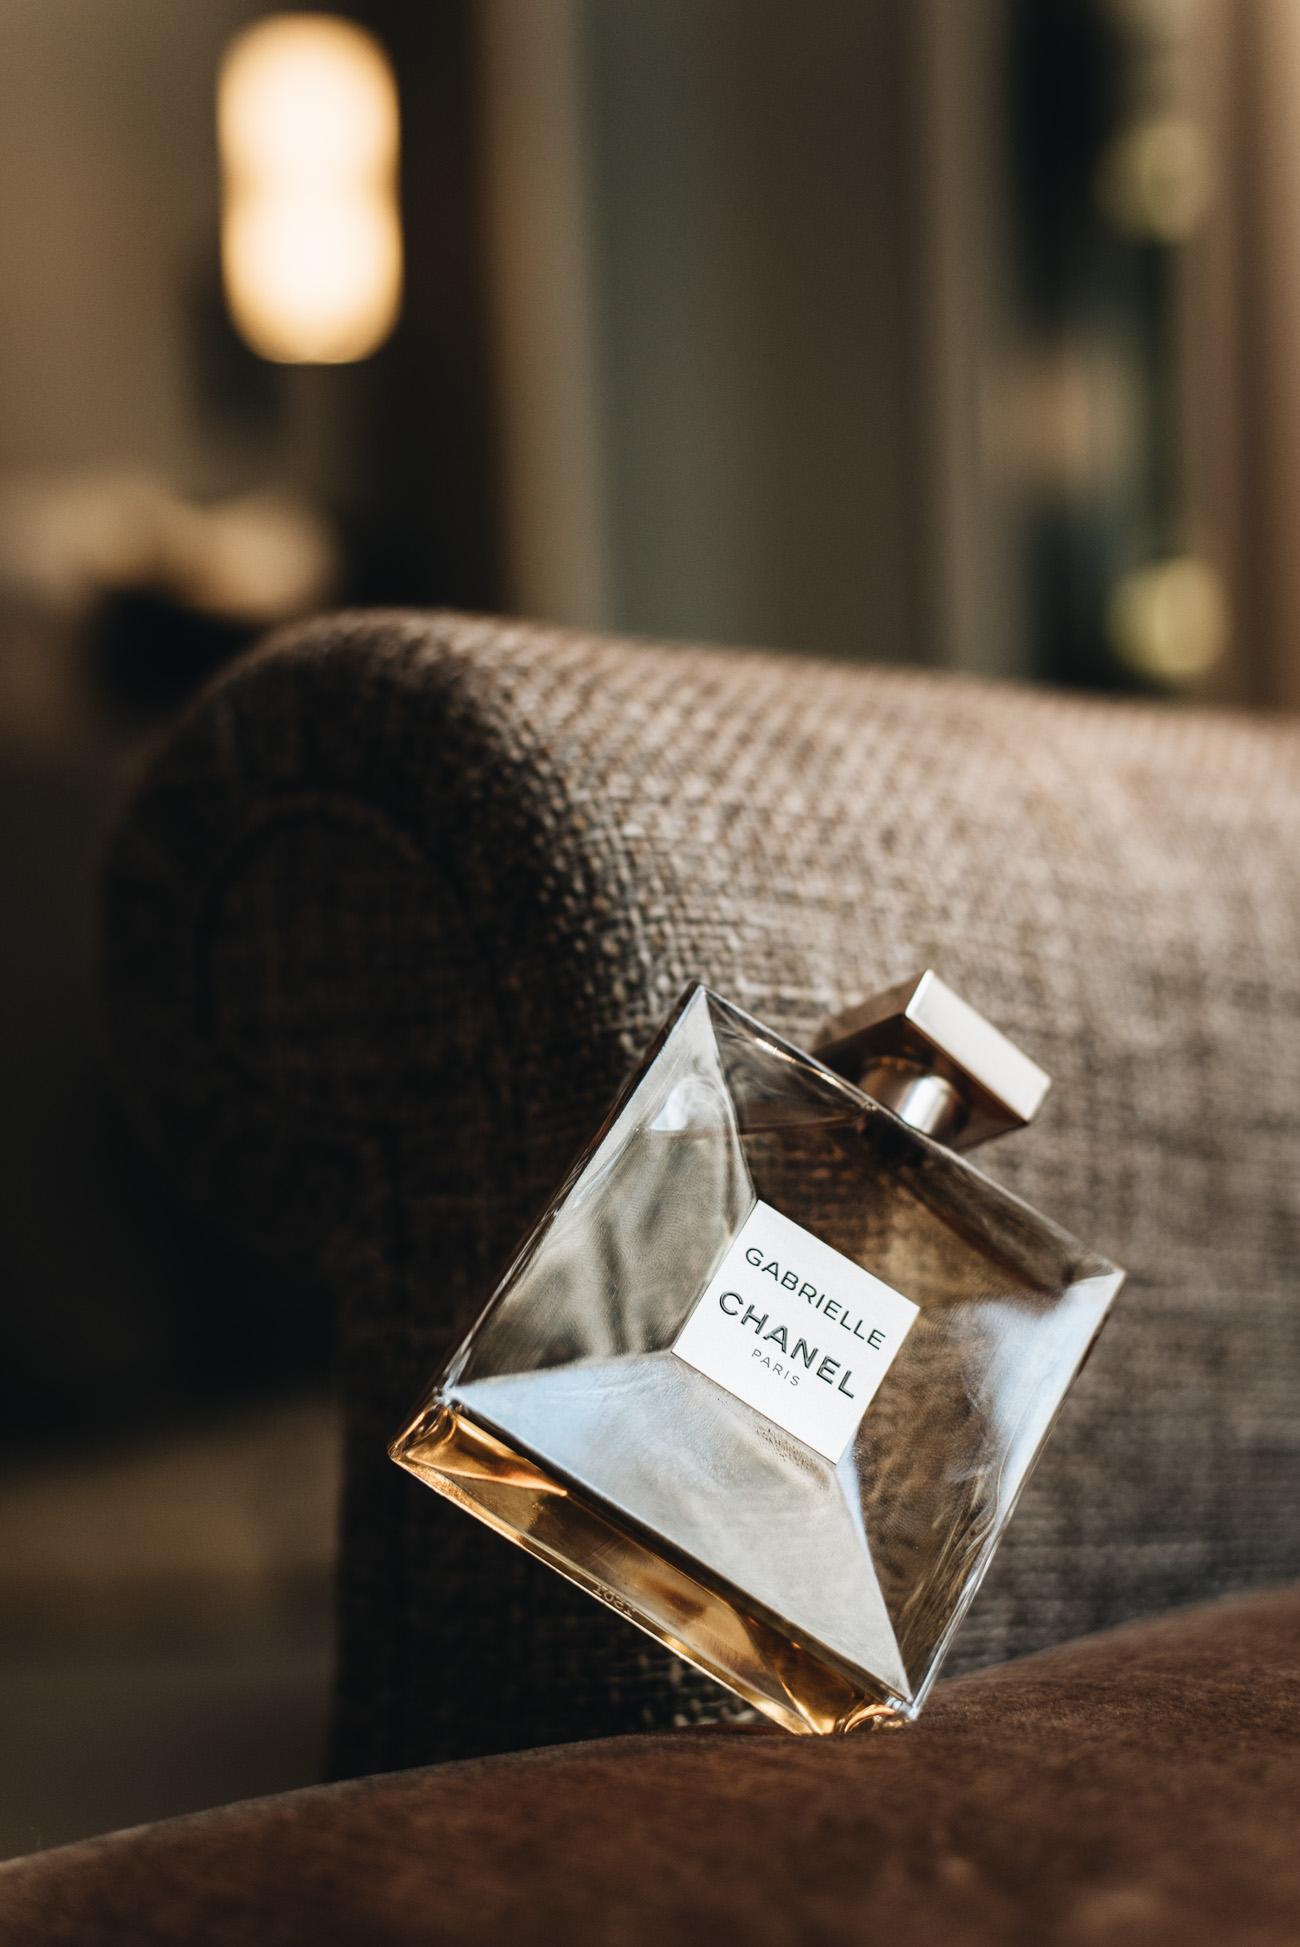 Gabrielle-Chanel-Parfum-2017-launch-fashiioncarpet-nina-schwichtenberg